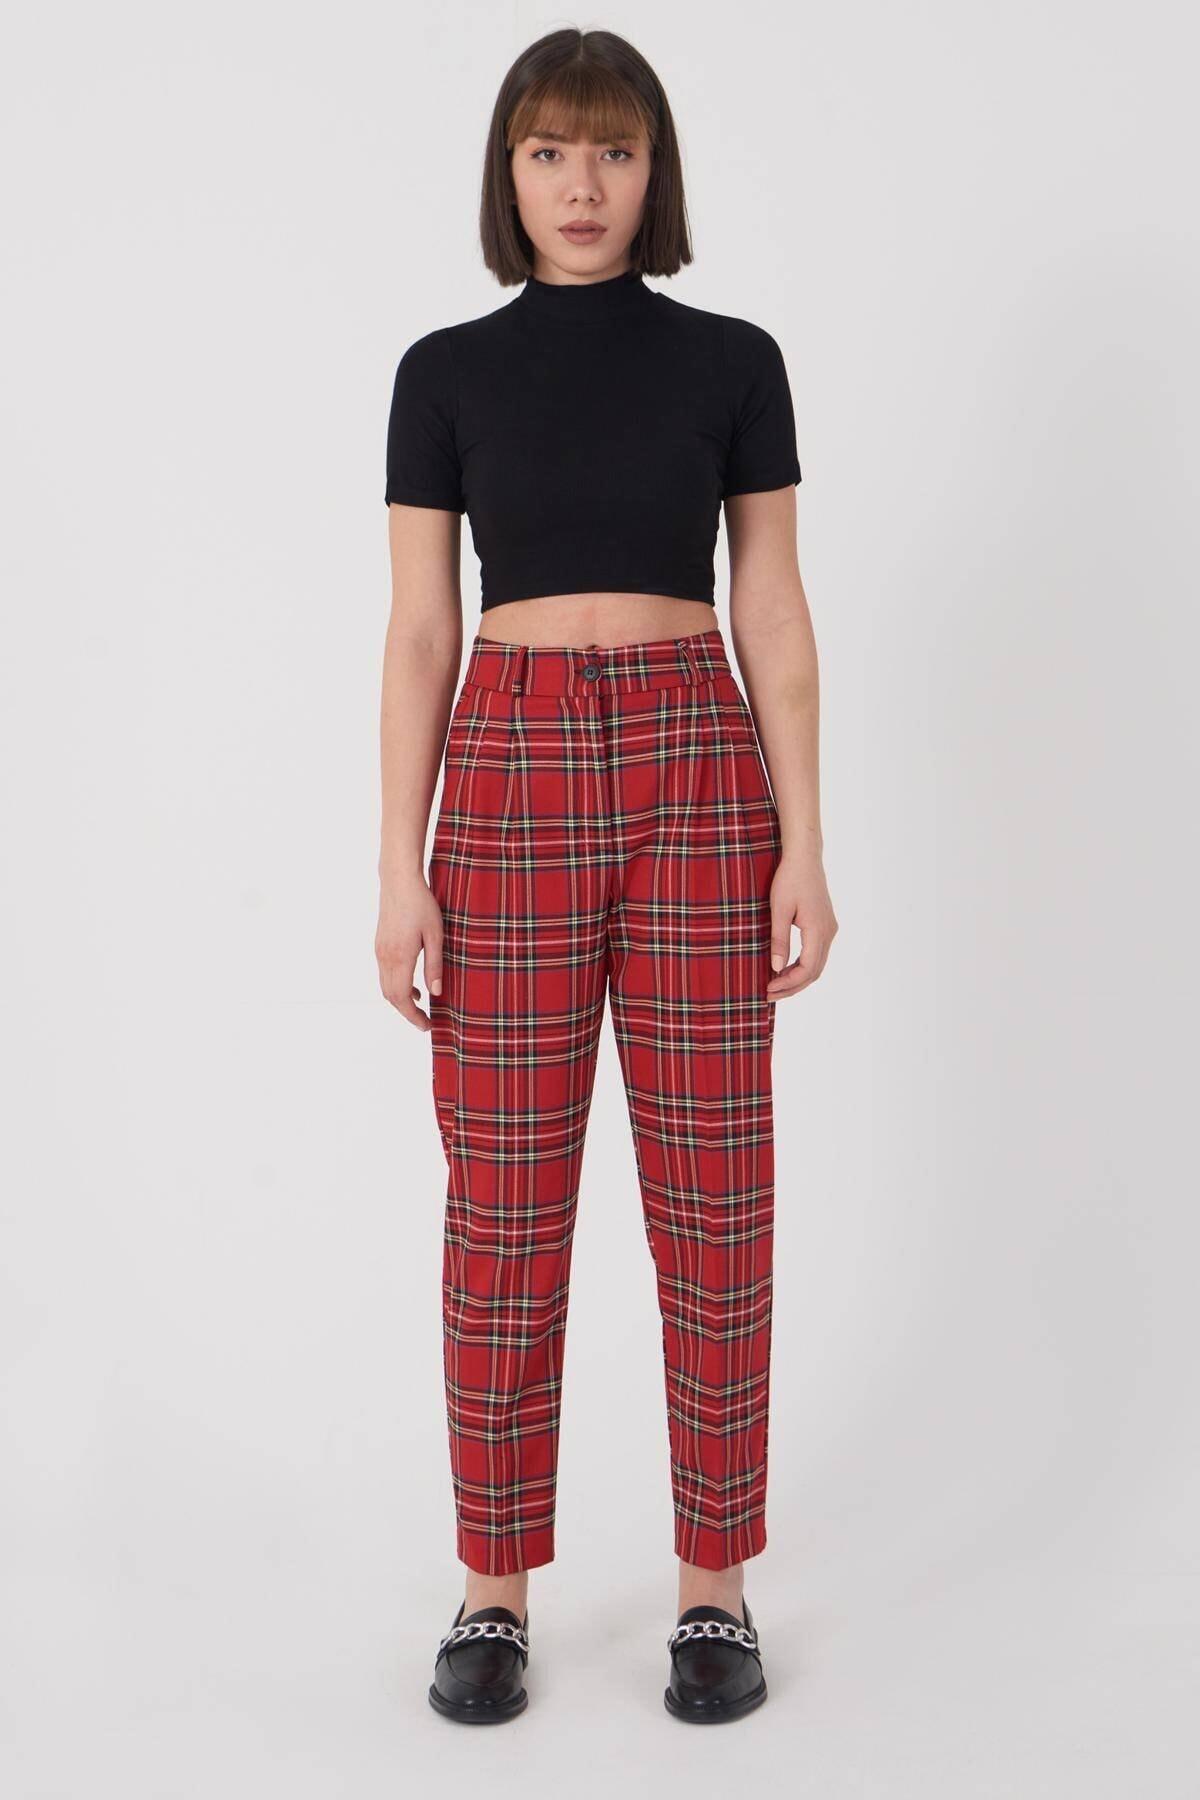 Addax Kadın Kırmızı Ekoseli Pantolon PN21-0222 - X6 ADX-0000023709